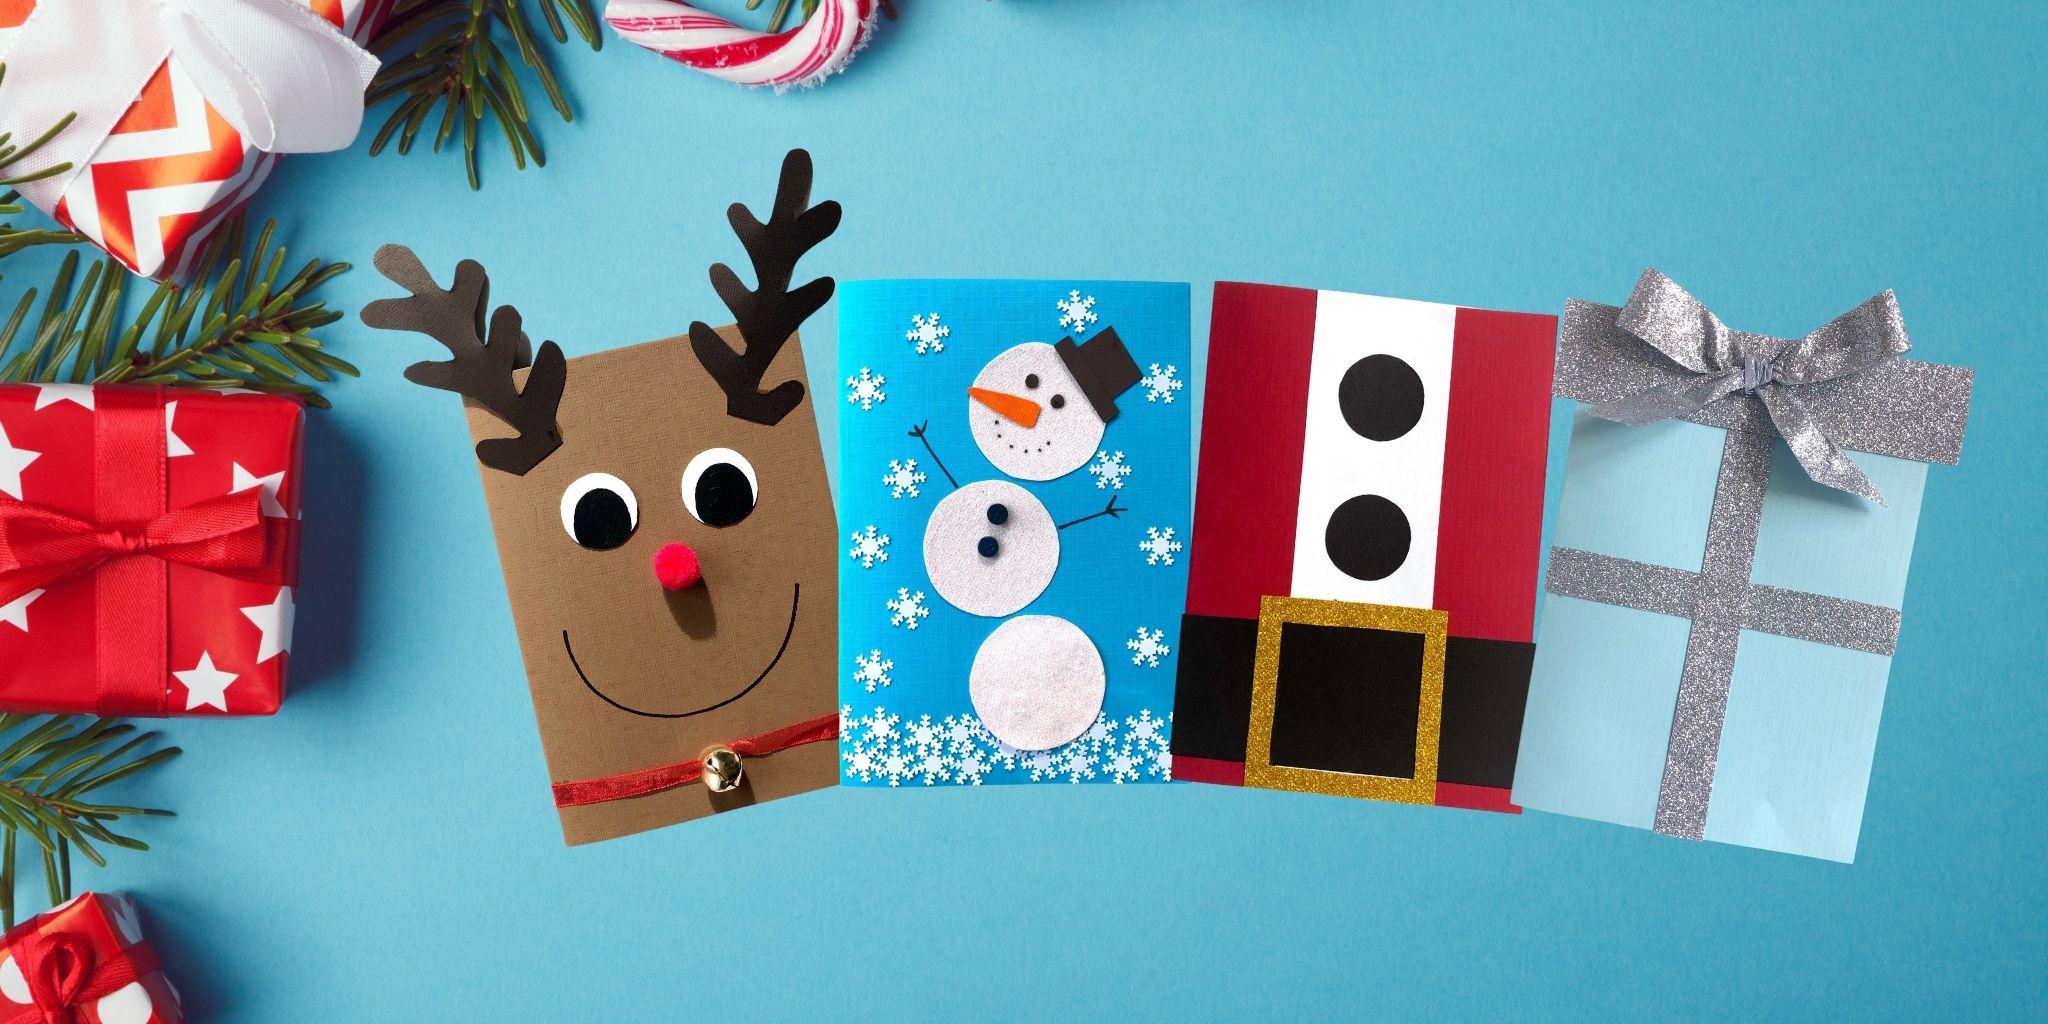 Lavoretti Di Natale Con Carta.3 Divertenti Attivita Di Natale Per Bambini Da Fare A Casa